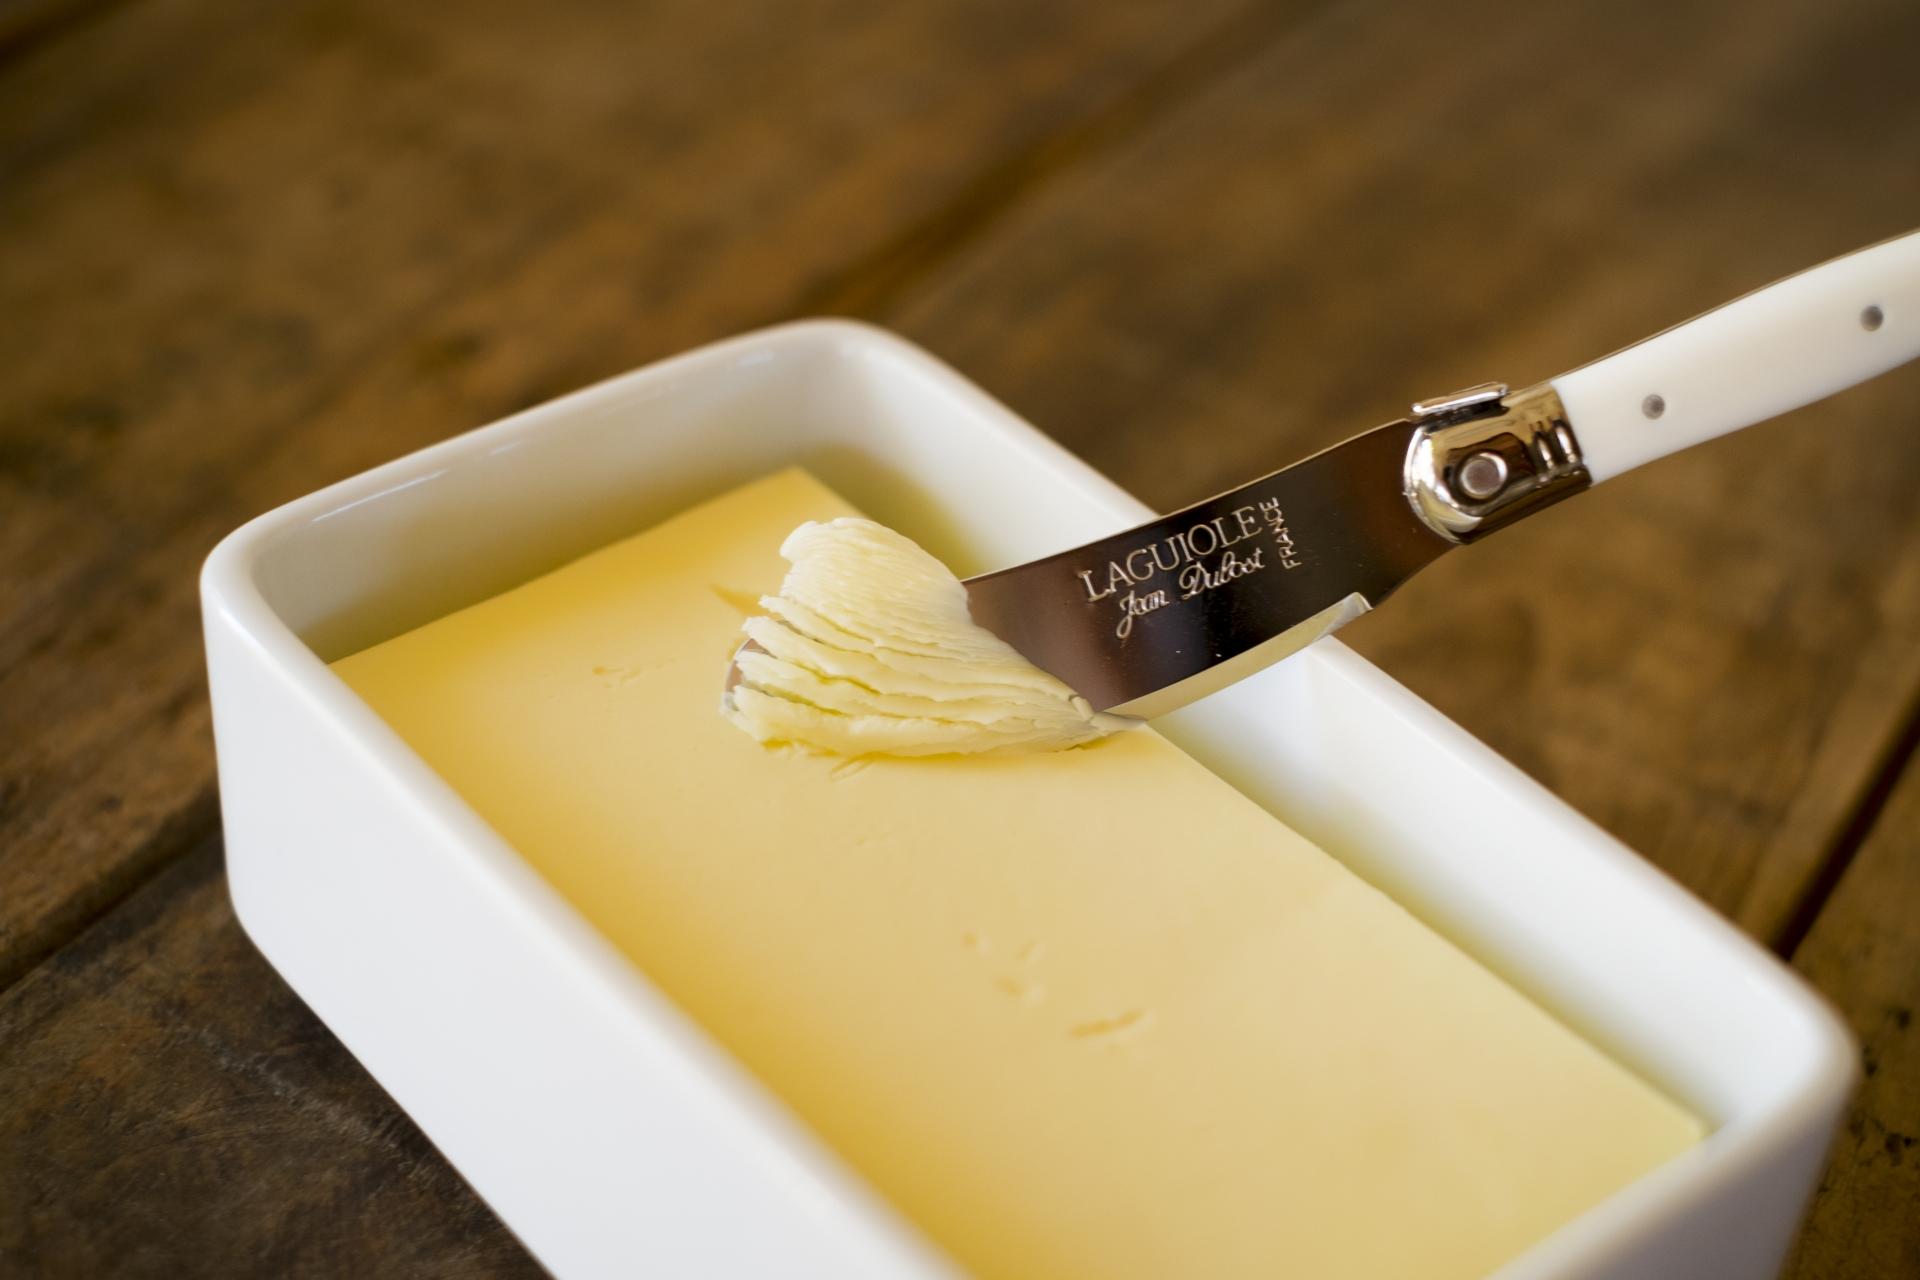 バターケースのおすすめ7選!木製やガラス製も